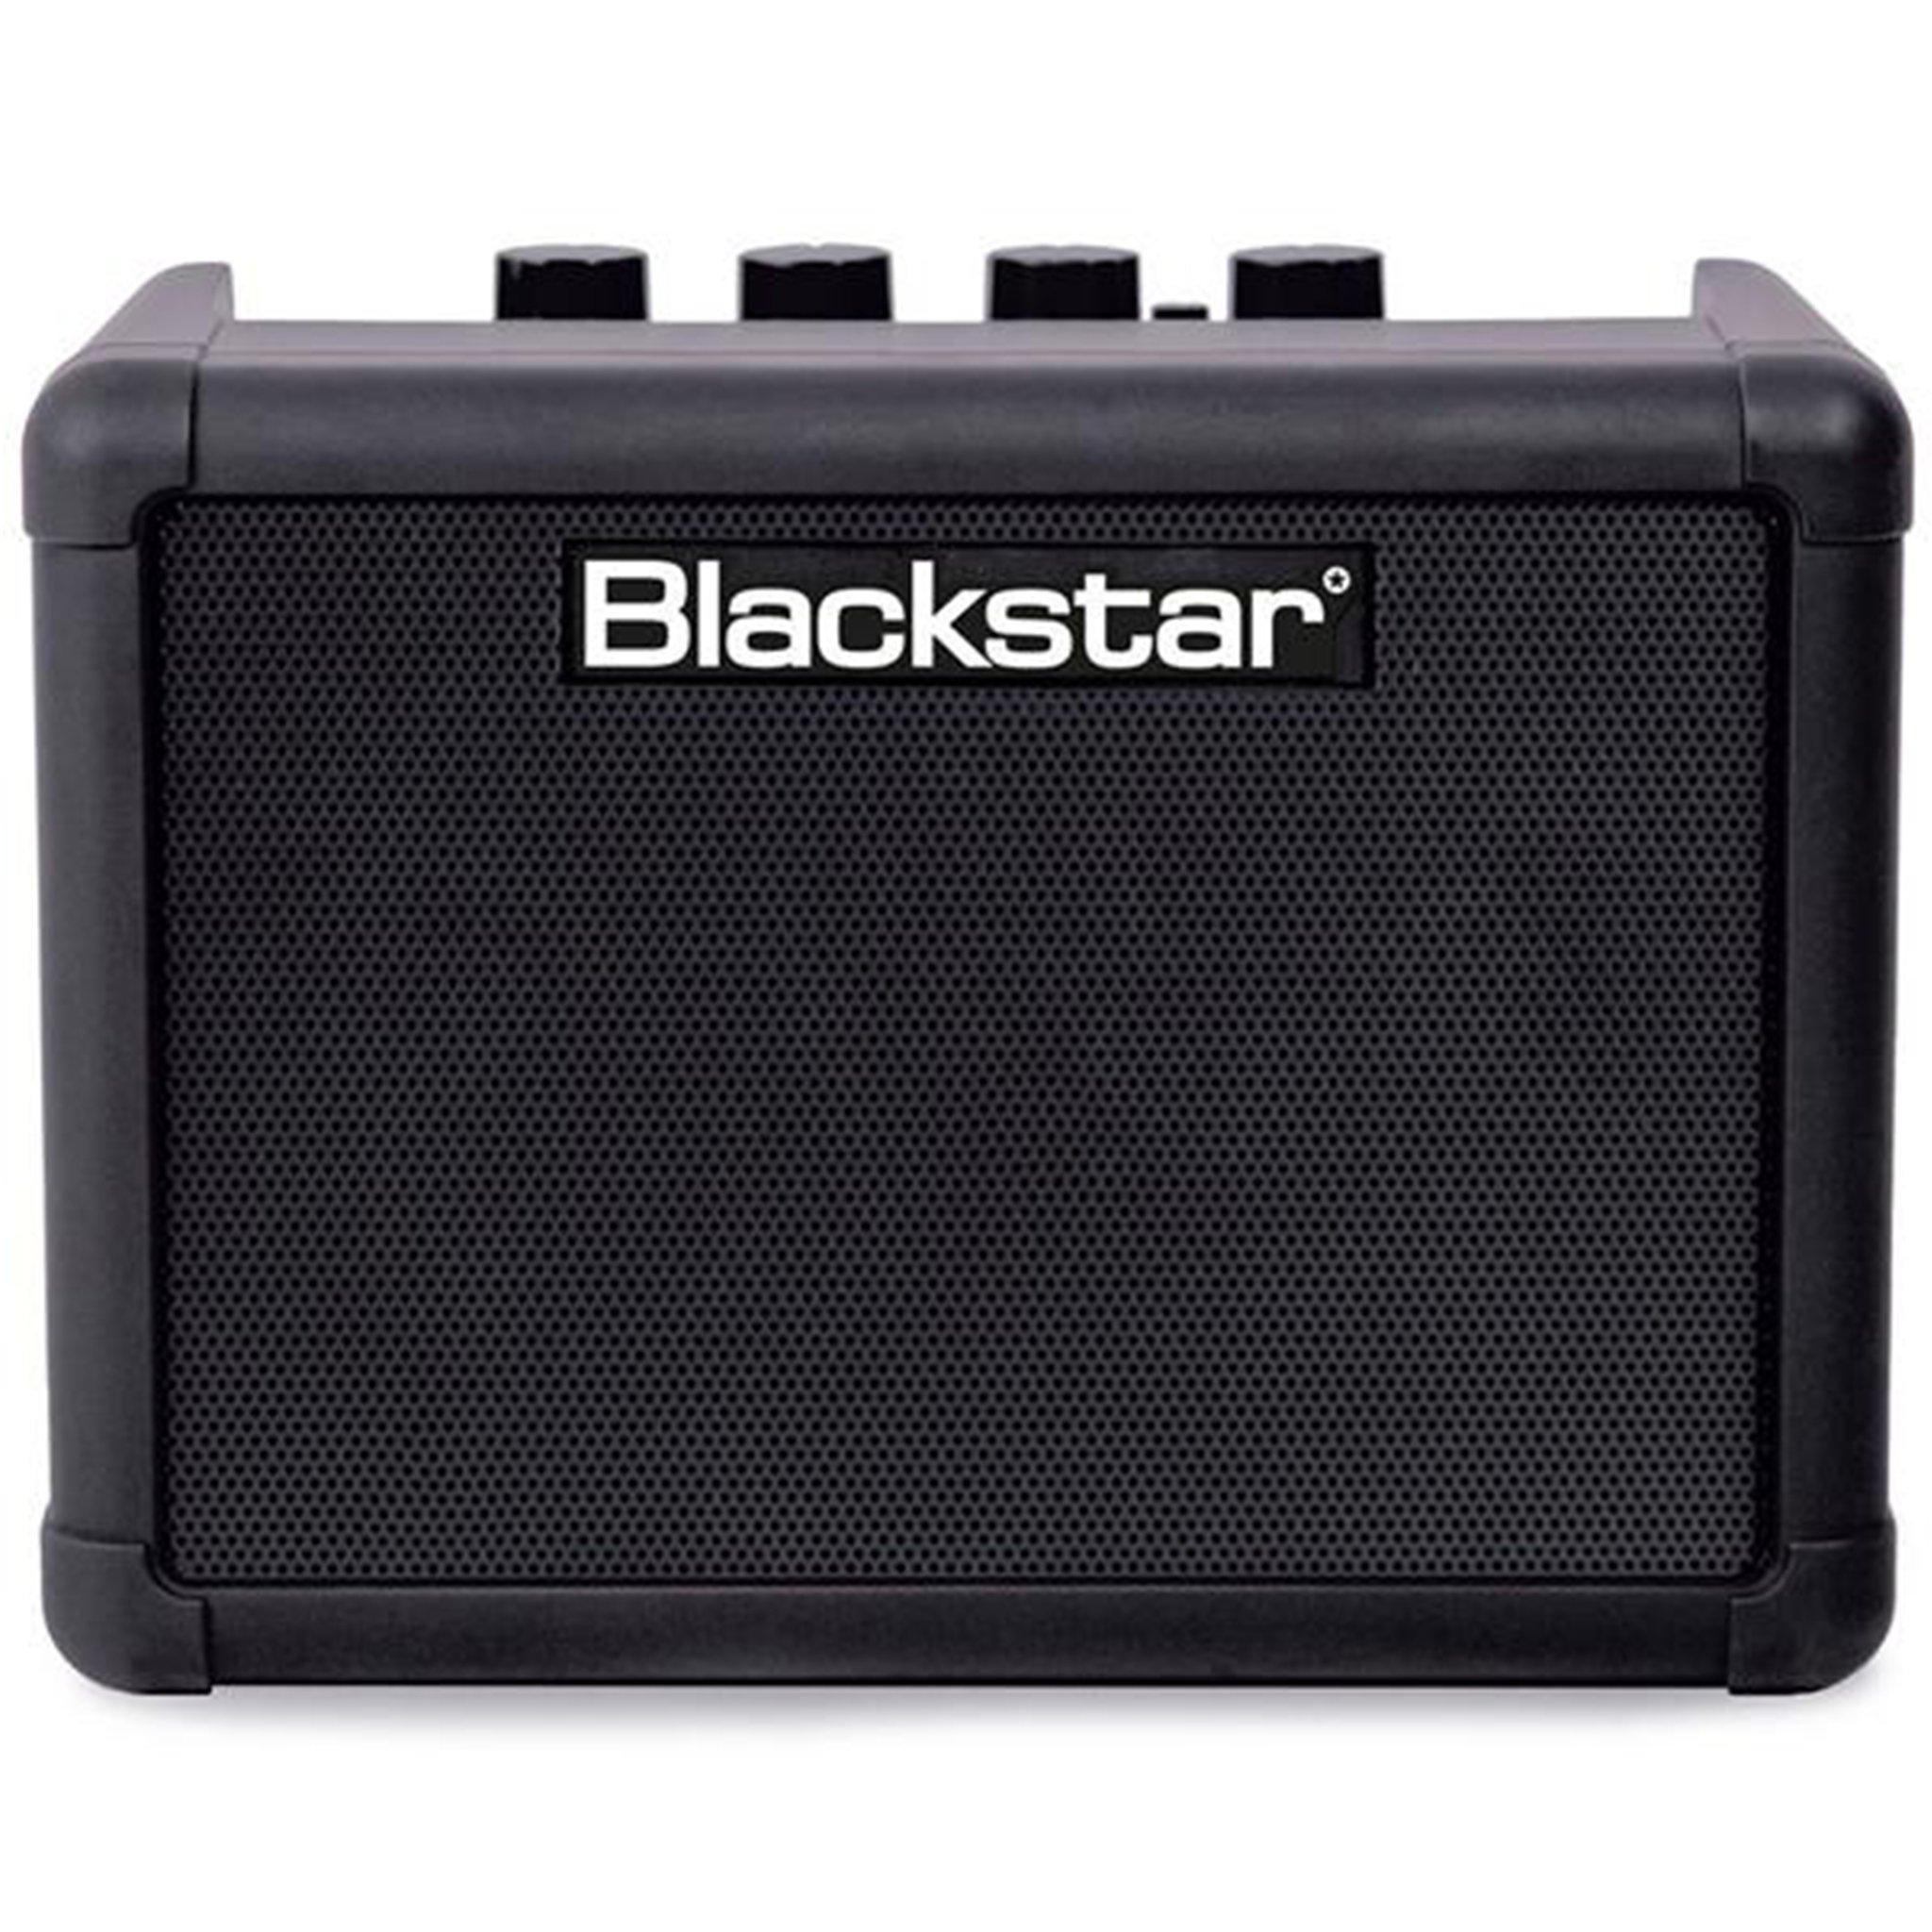 Blackstar FLY 3 Bluetooth Mini Amplifier 3 watts